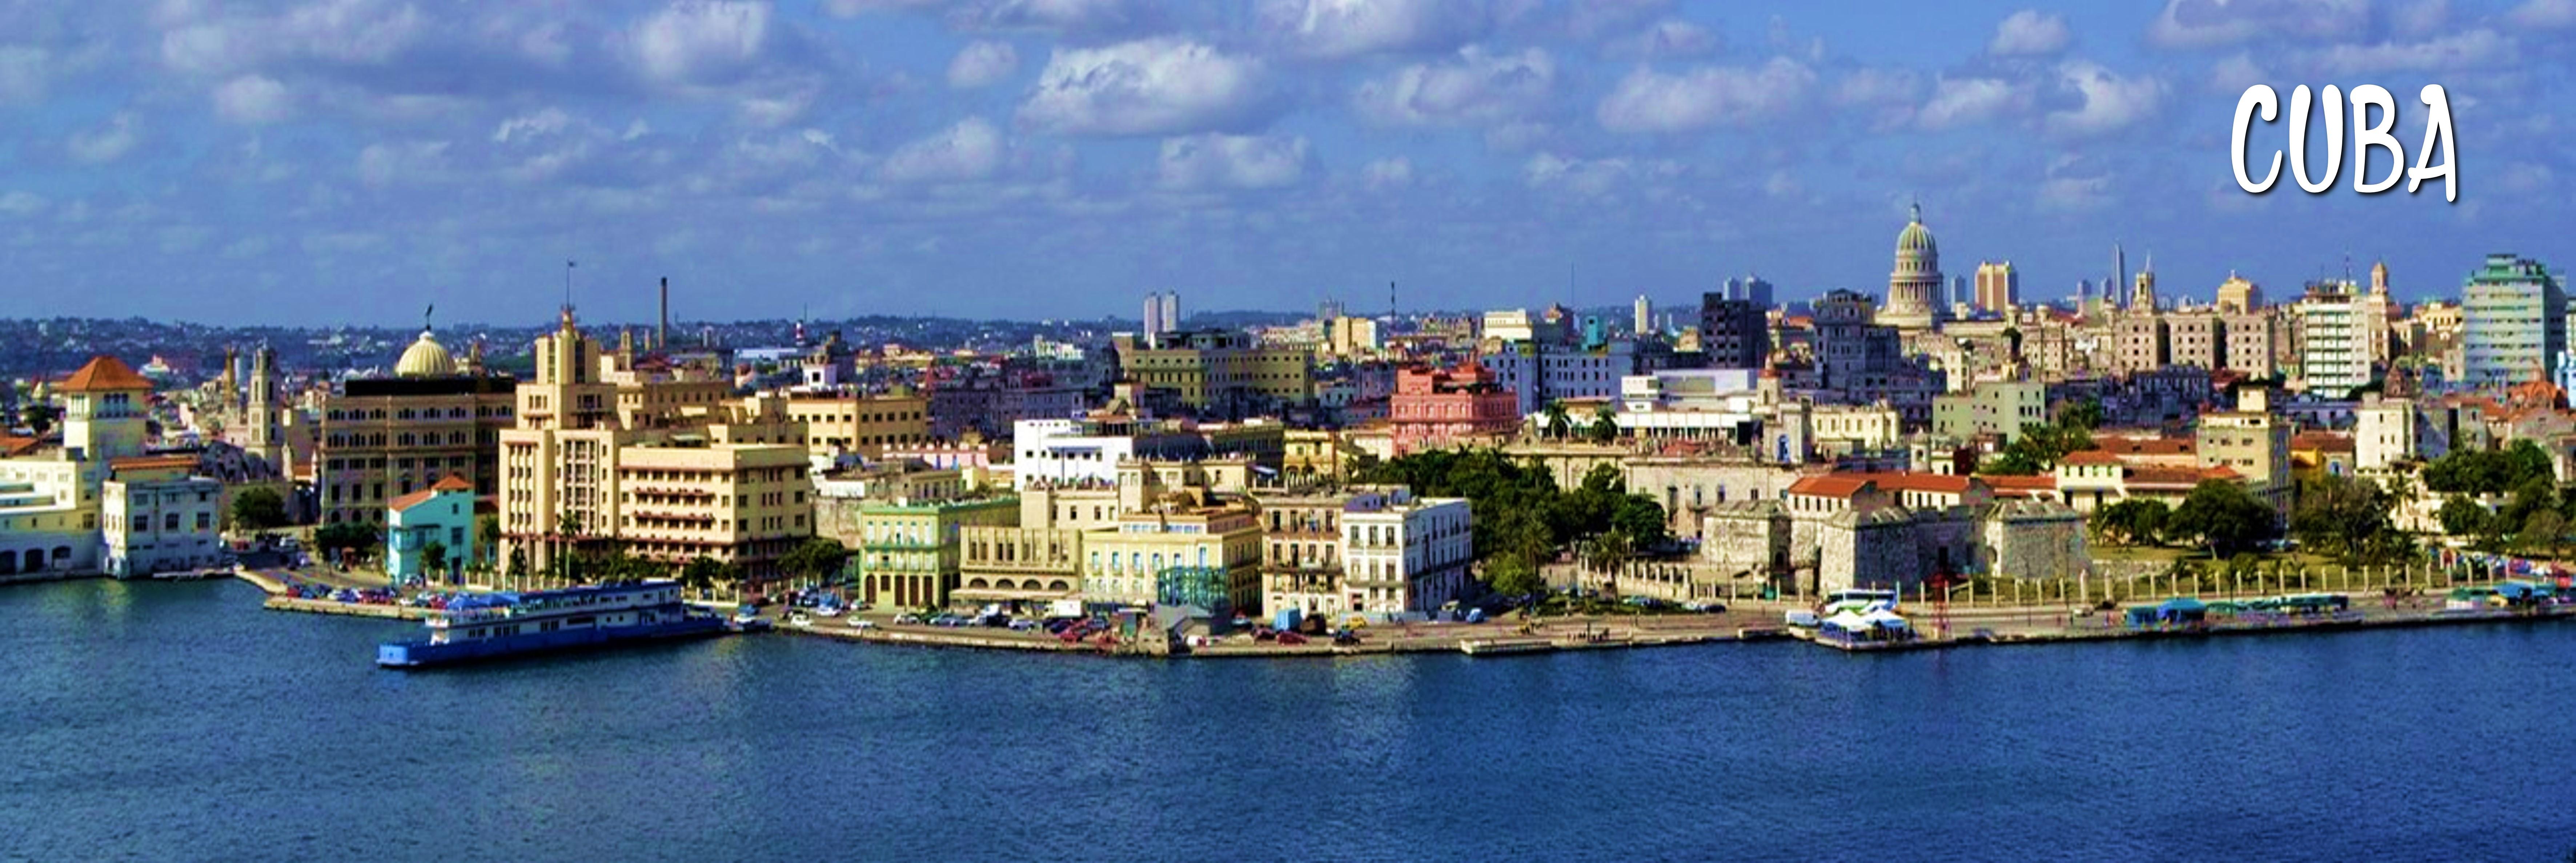 NUEVA-FOTO-FLOTANTE-CUBA-2